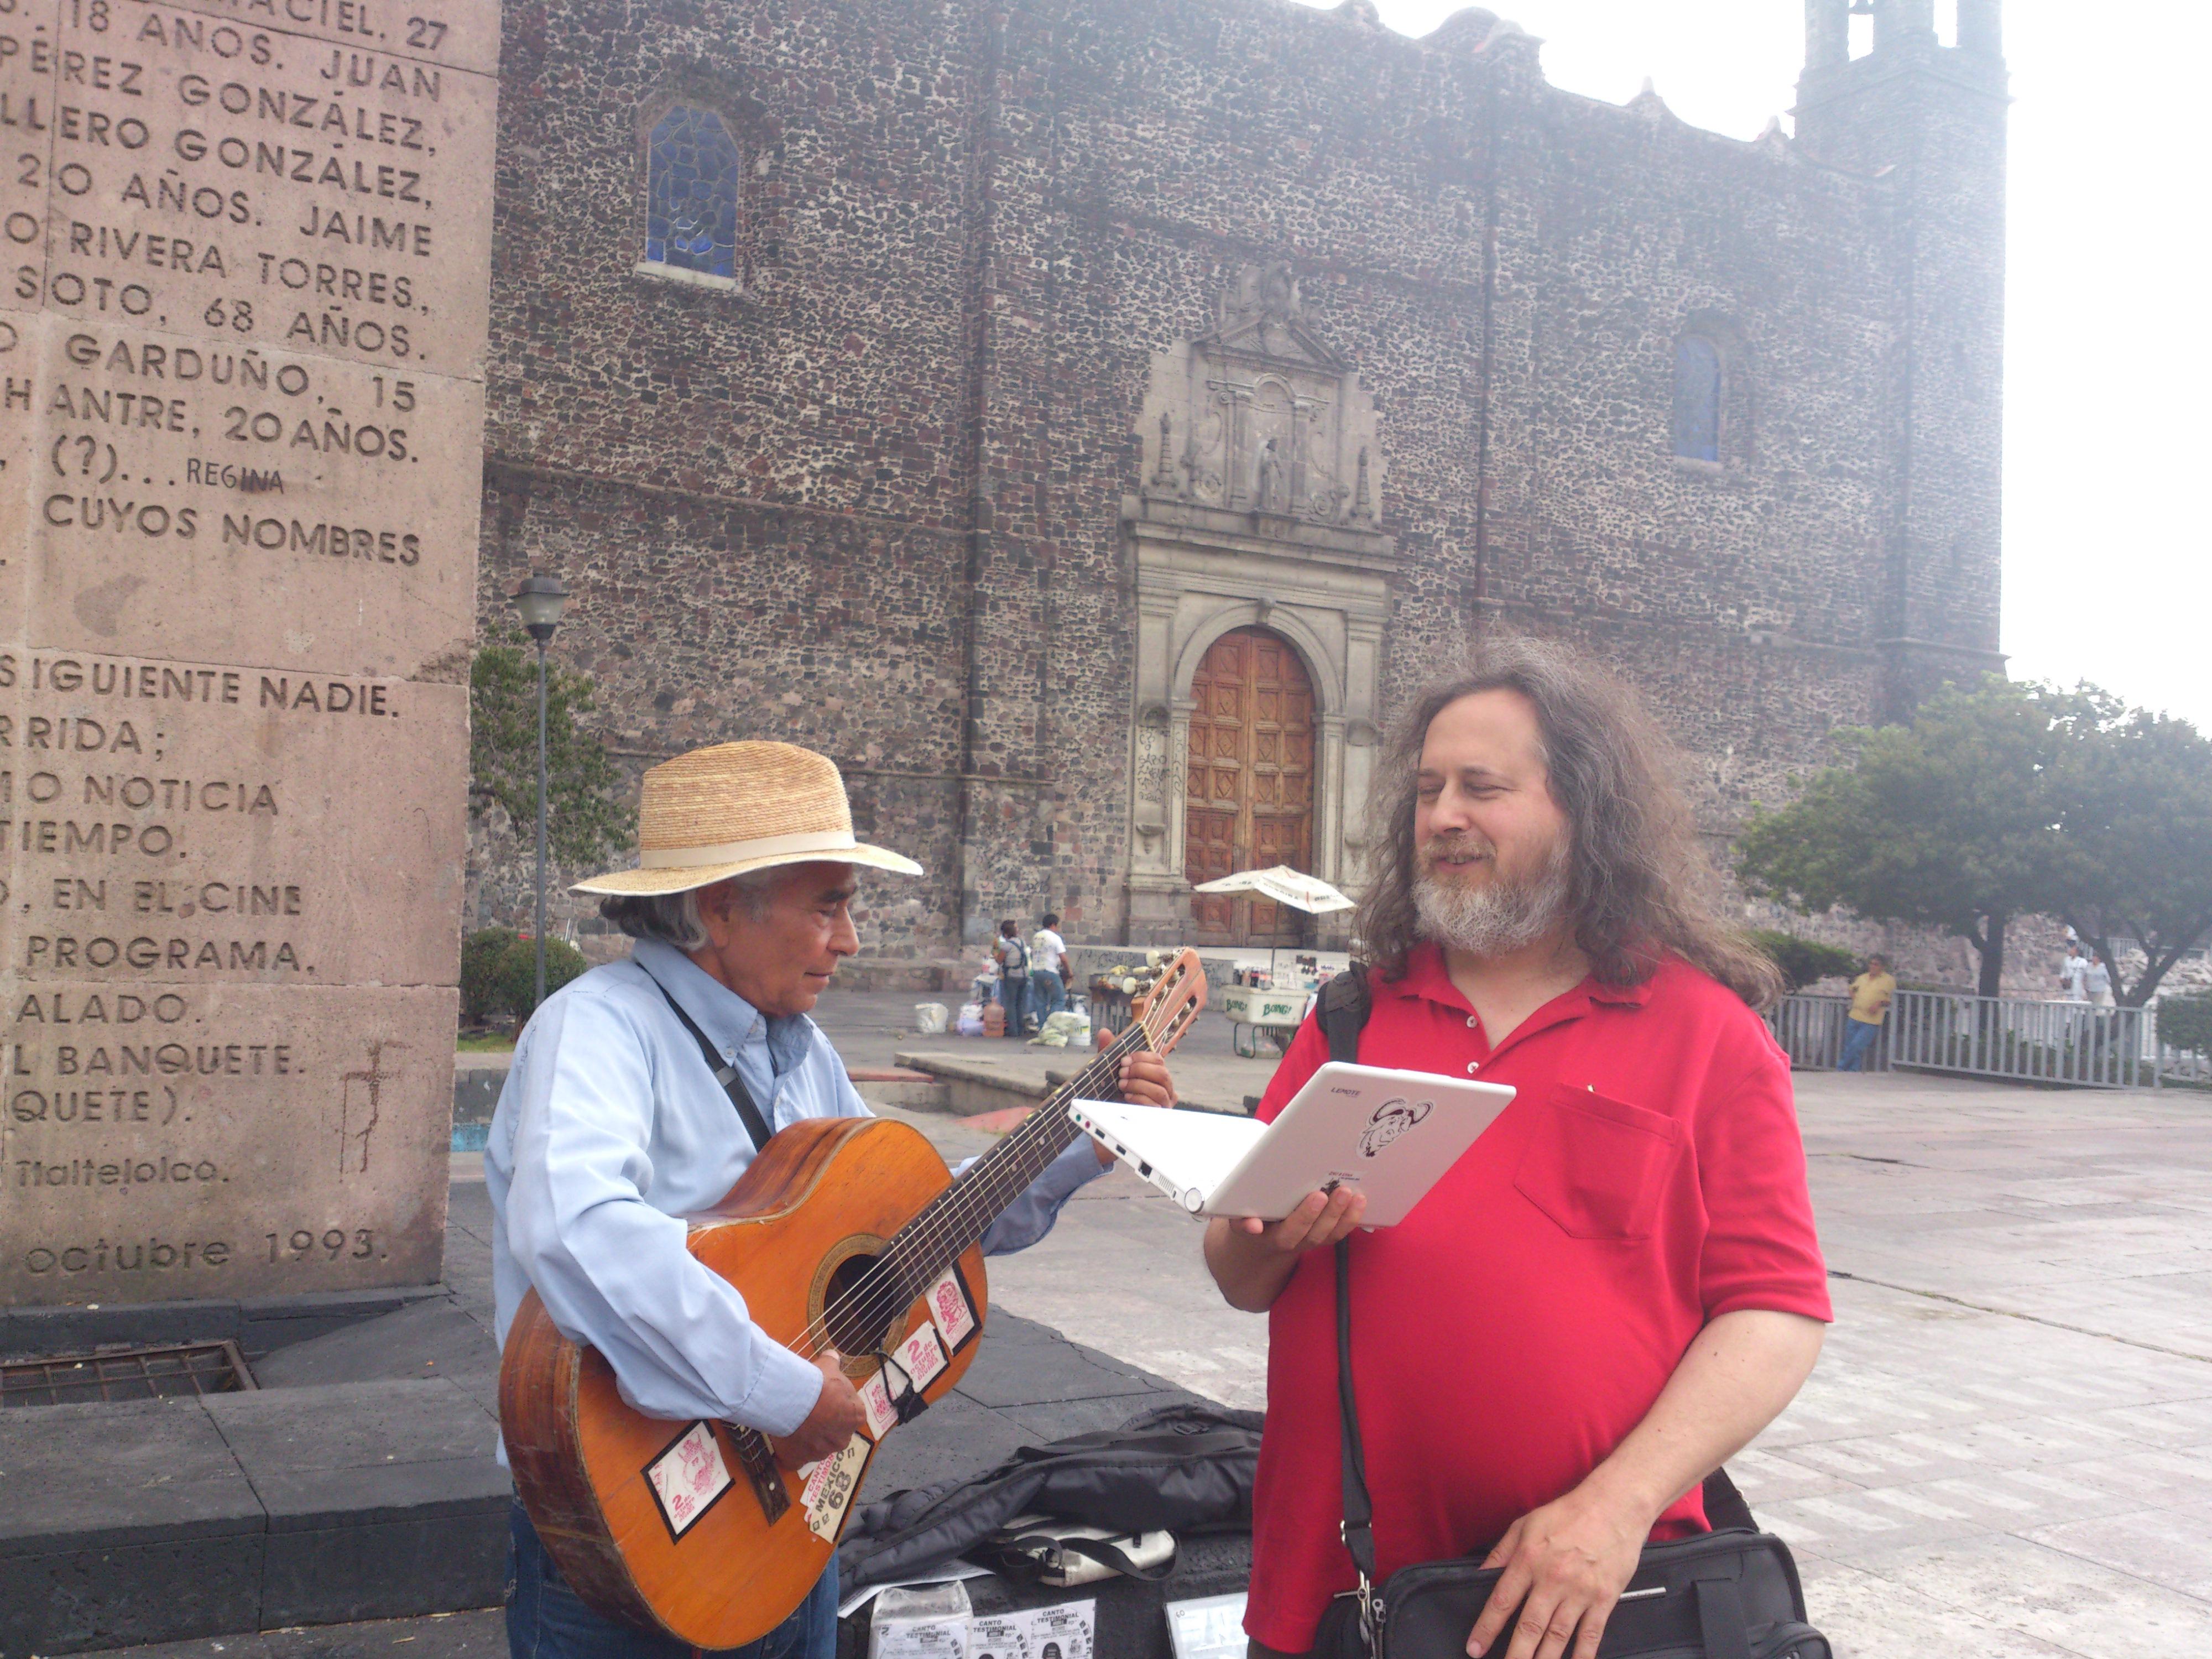 https://stallman.org/photos/mexico/tlatelolco/dsc_0717.jpg